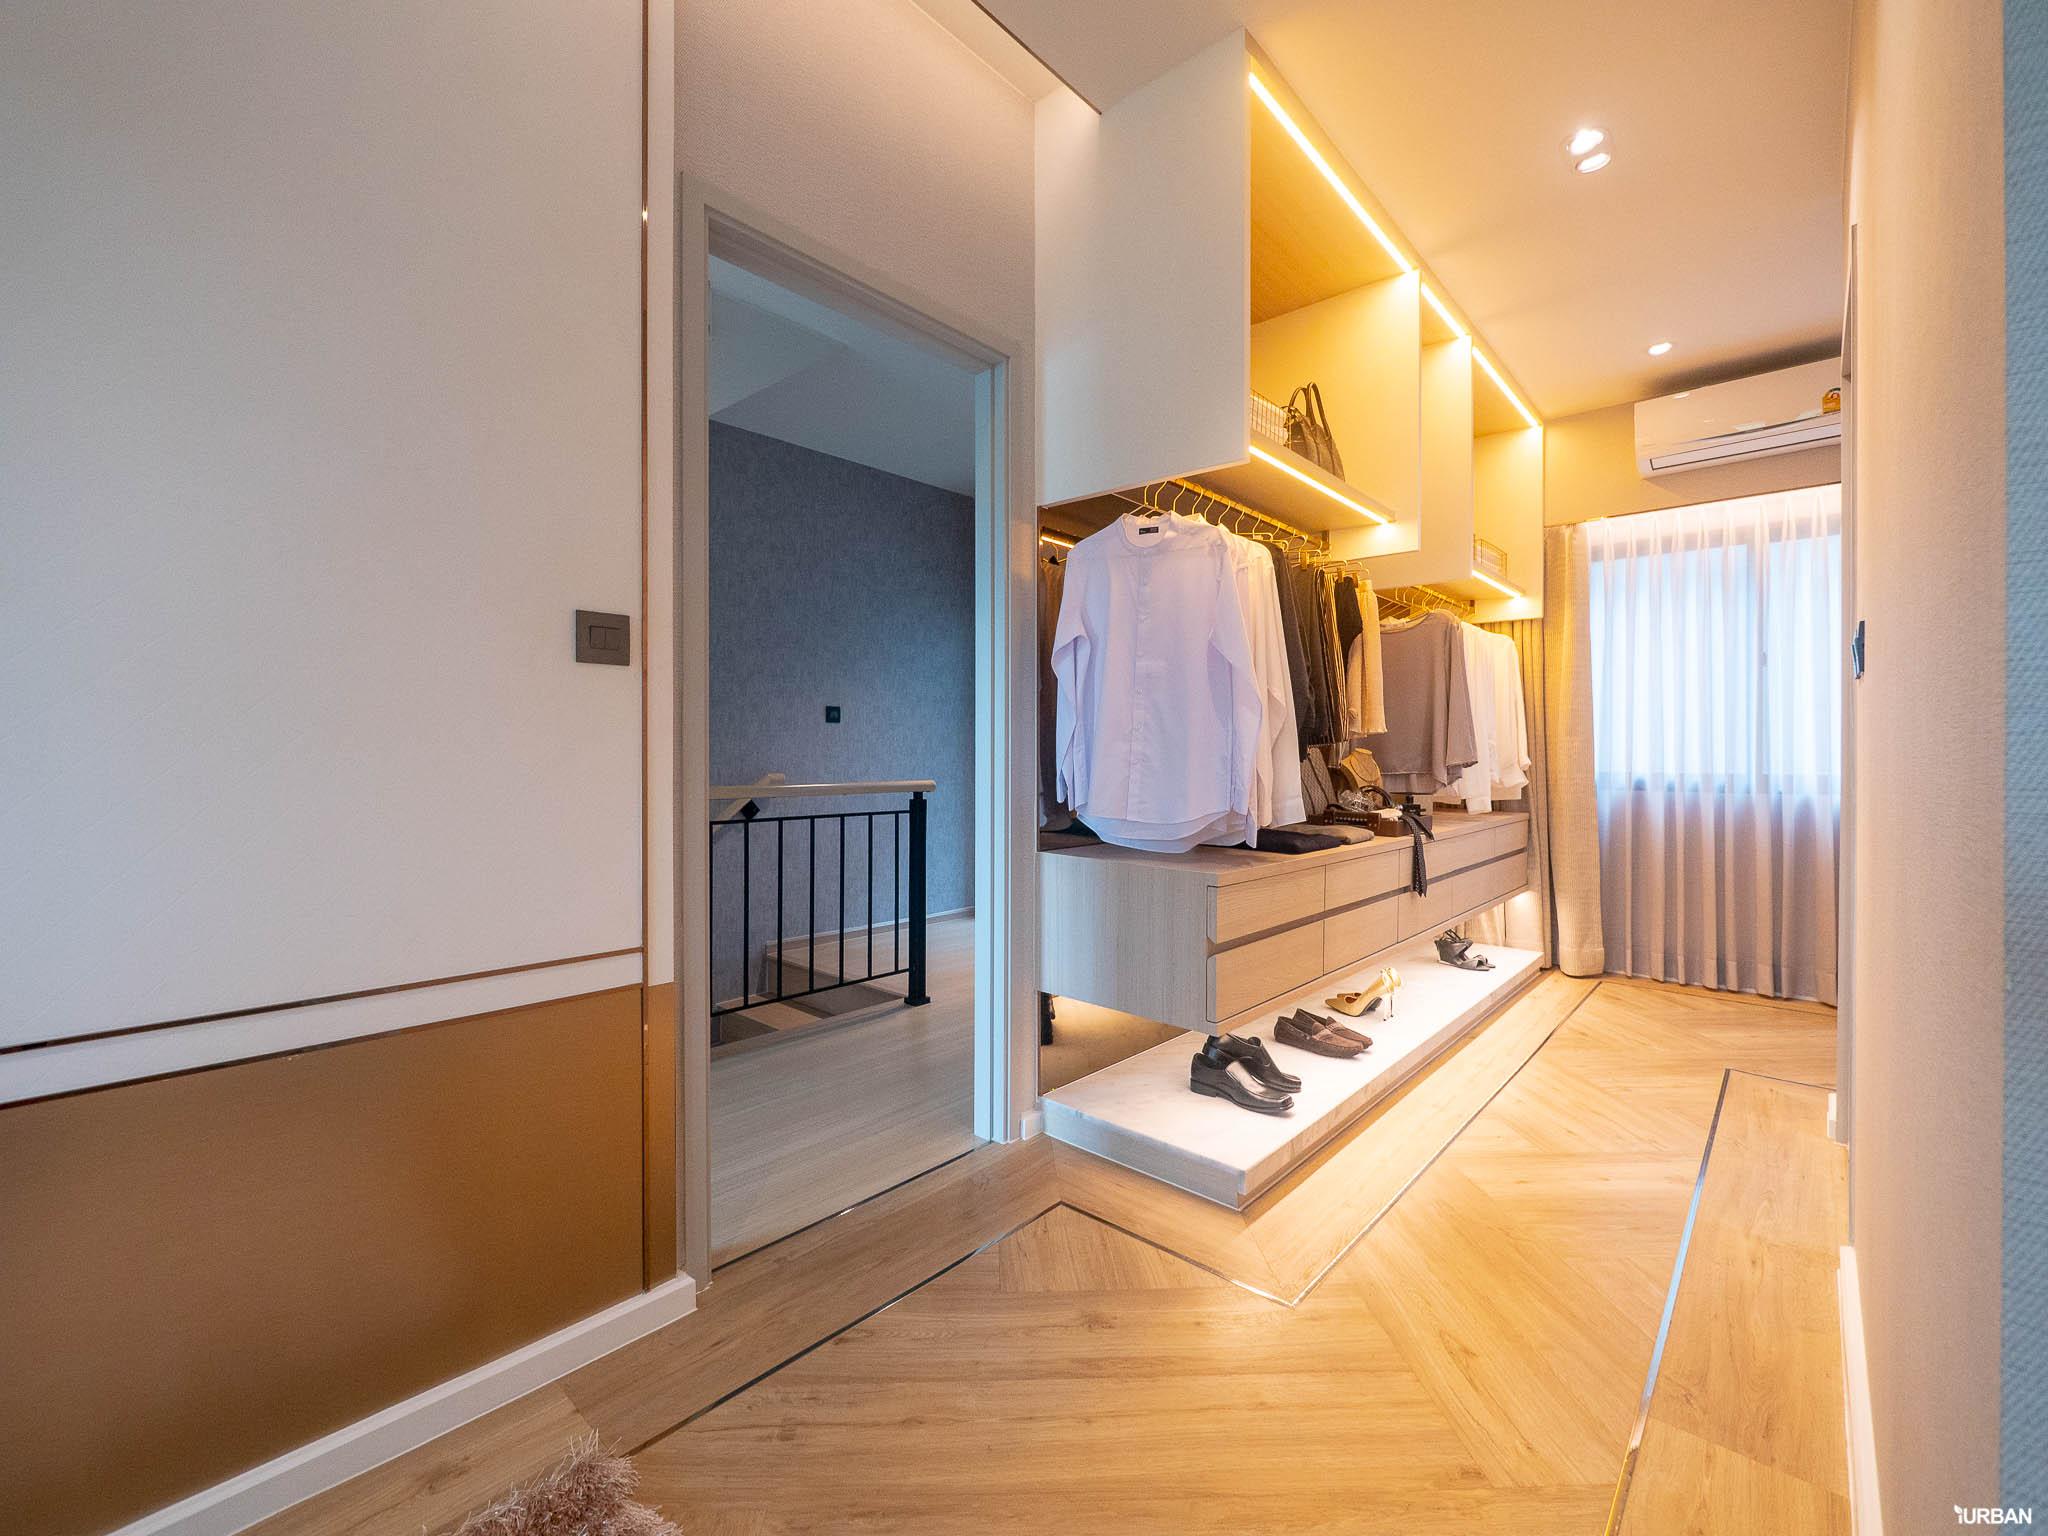 รีวิว URBANIO วิภาวดี-แจ้งวัฒนะ พรีเมียมทาวน์โฮม 3 ชั้นสุดสวย ใกล้สถานี Interchange เริ่ม 5.59 ล้าน จาก Ananda 75 - Premium